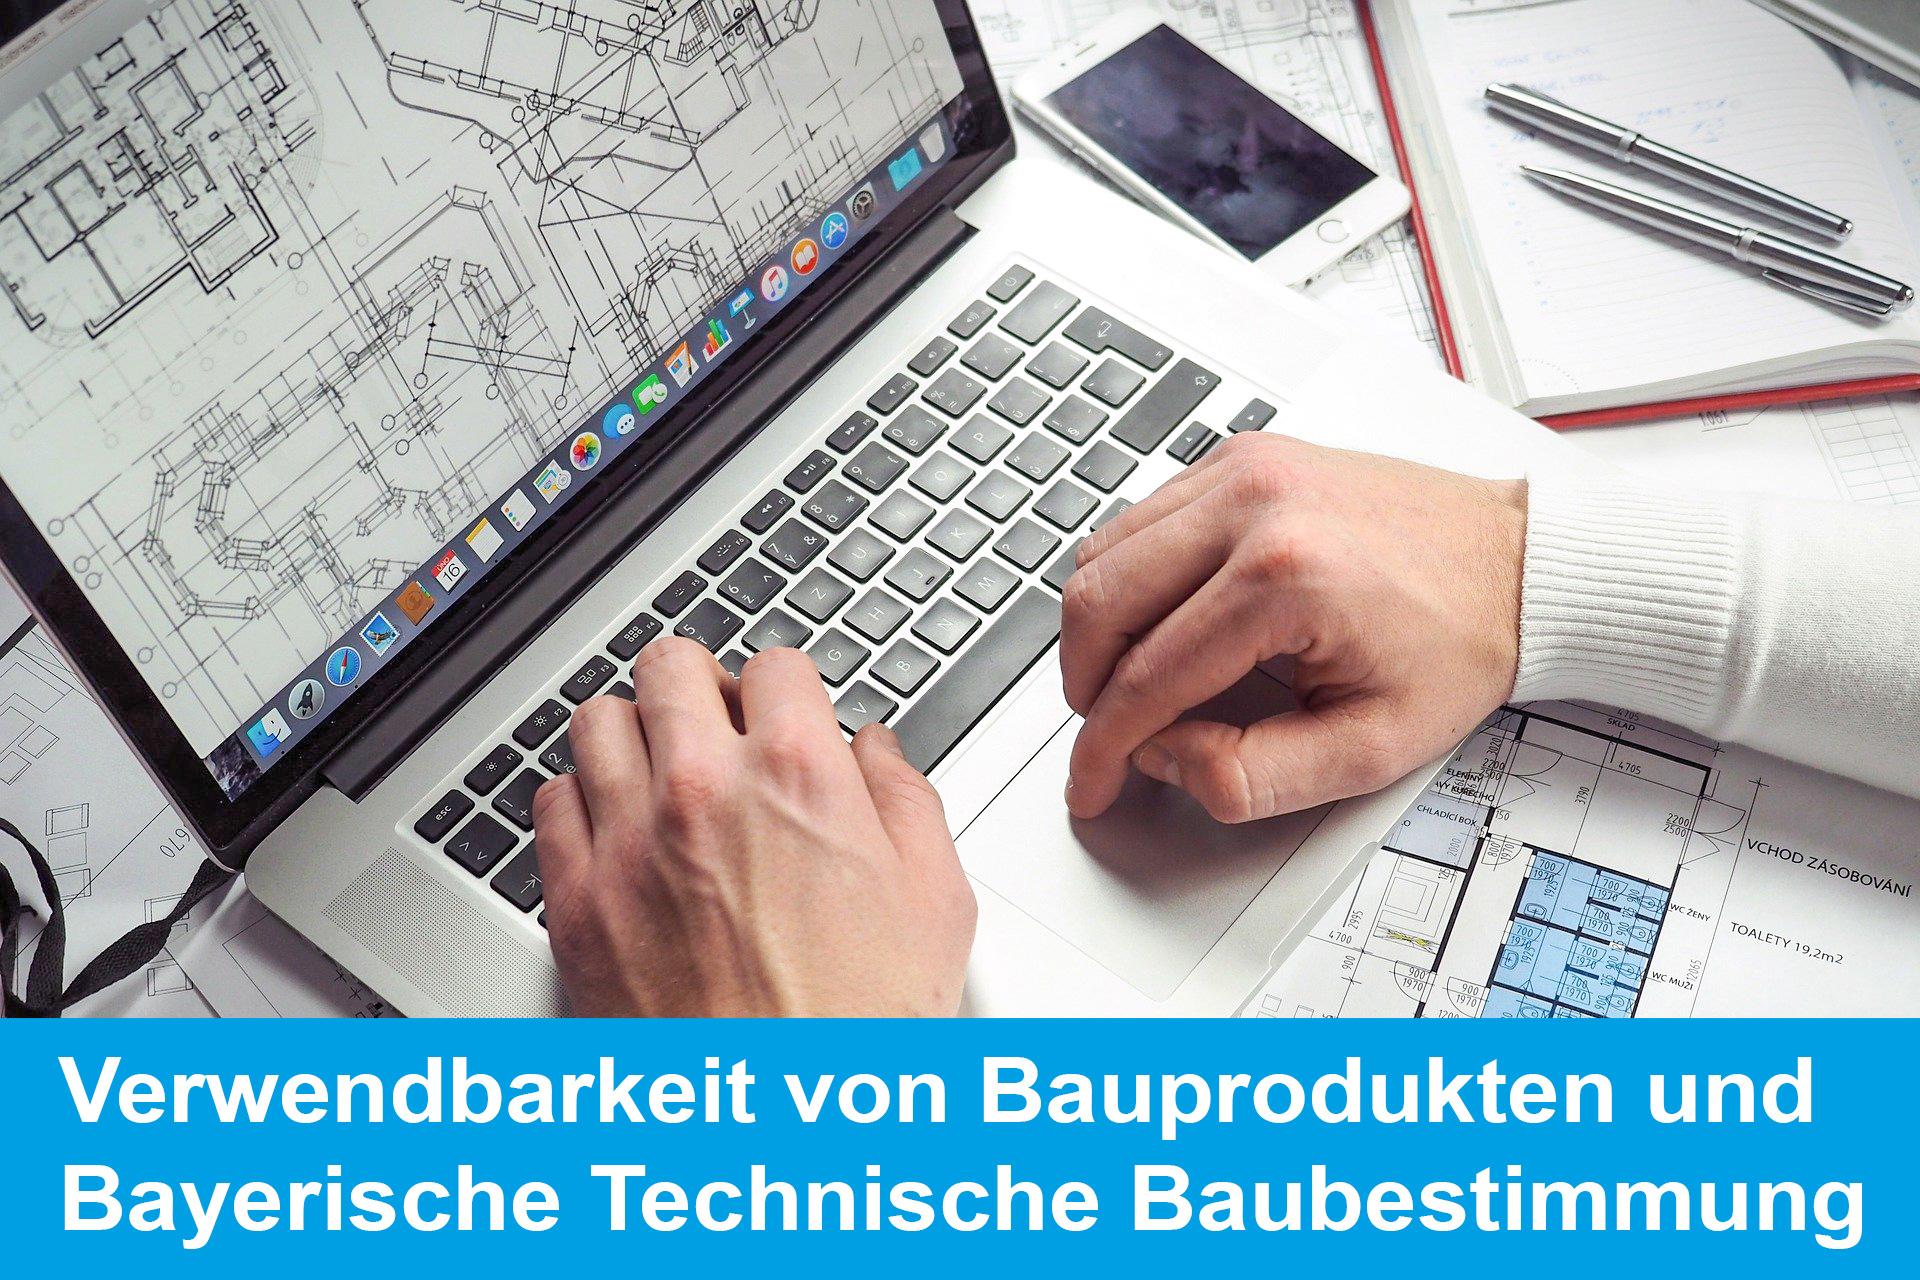 Verwendbarkeit von Bauprodukten und die neue Bayerische Technische Baubestimmung (BayTB)